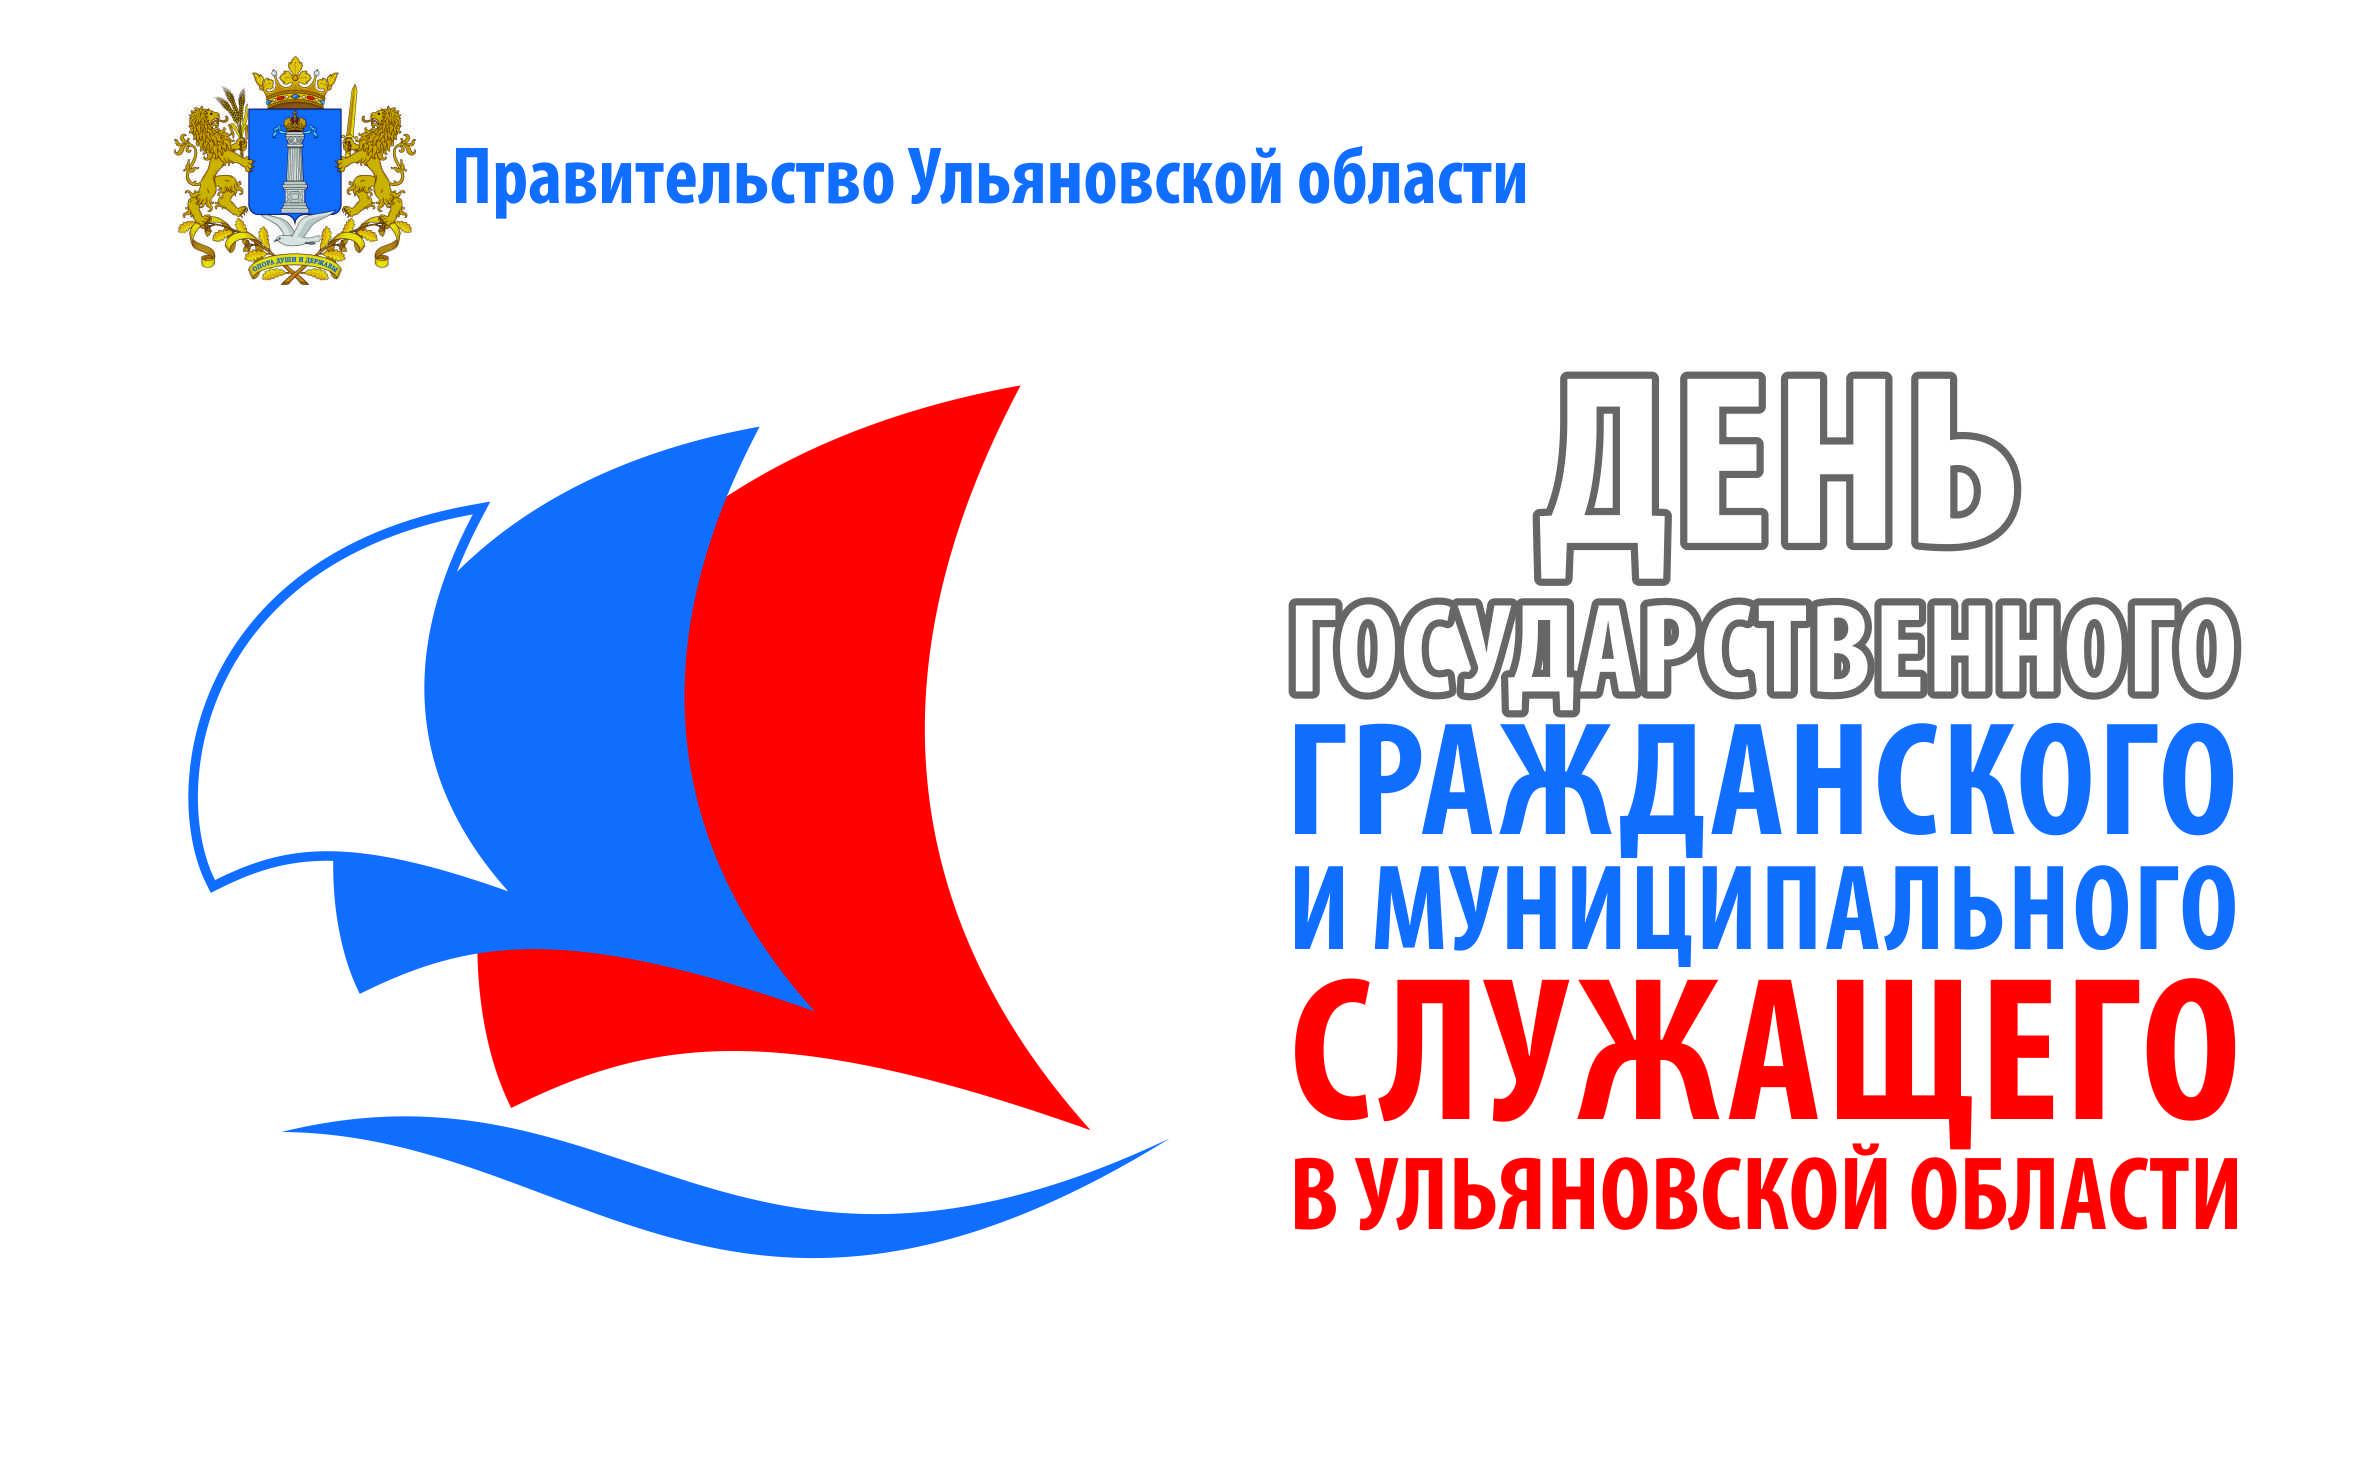 Контрольное управление 09 декабря 2008 вошёл в современную историю региона как День государственного гражданского и муниципального служащего в Ульяновской области и стал